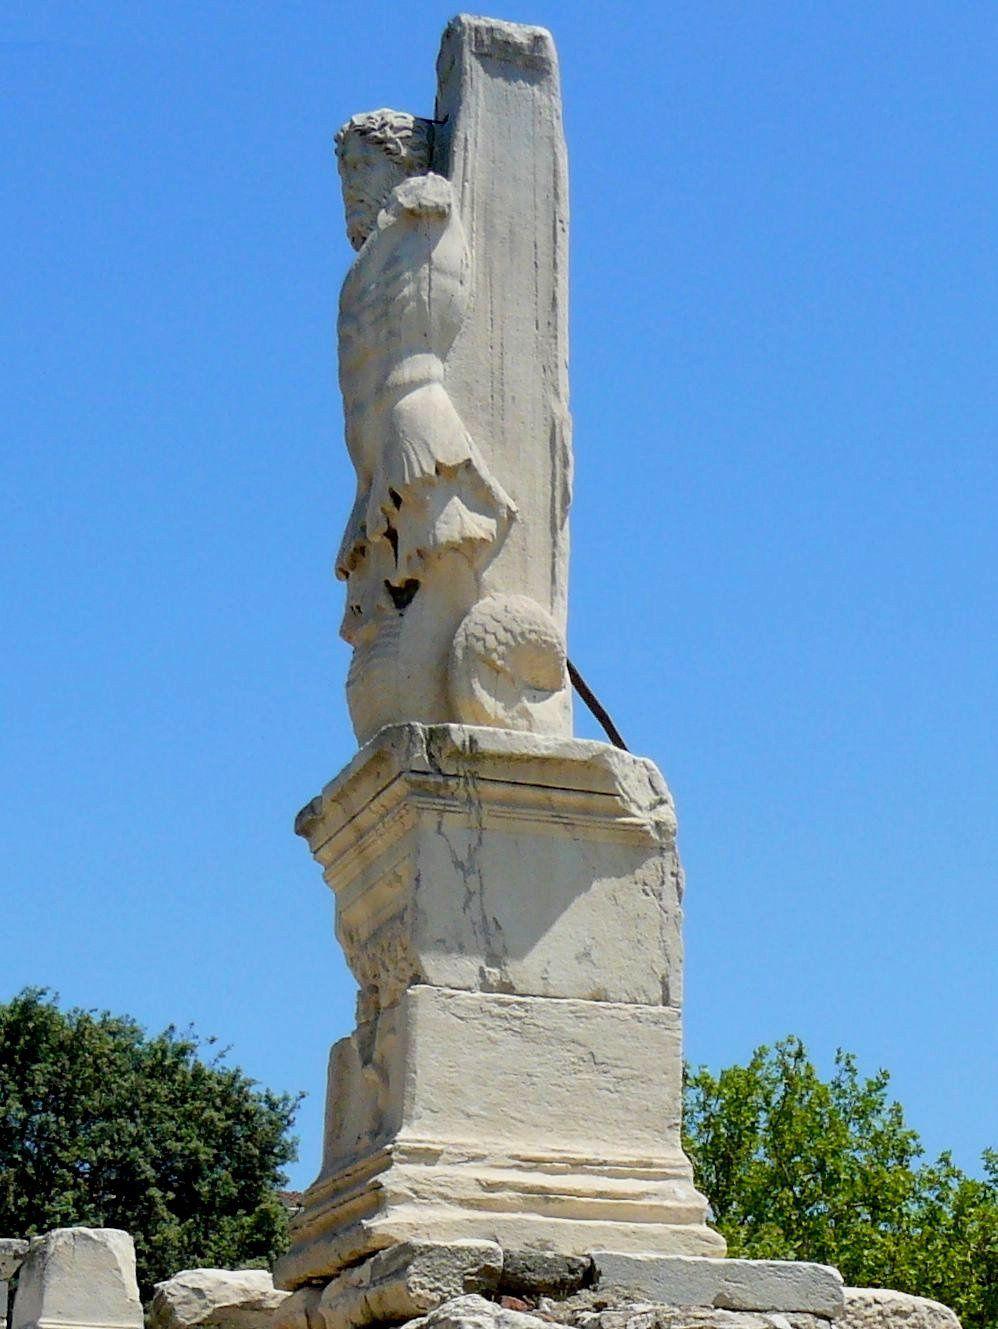 L'Odéon d'Agrippa